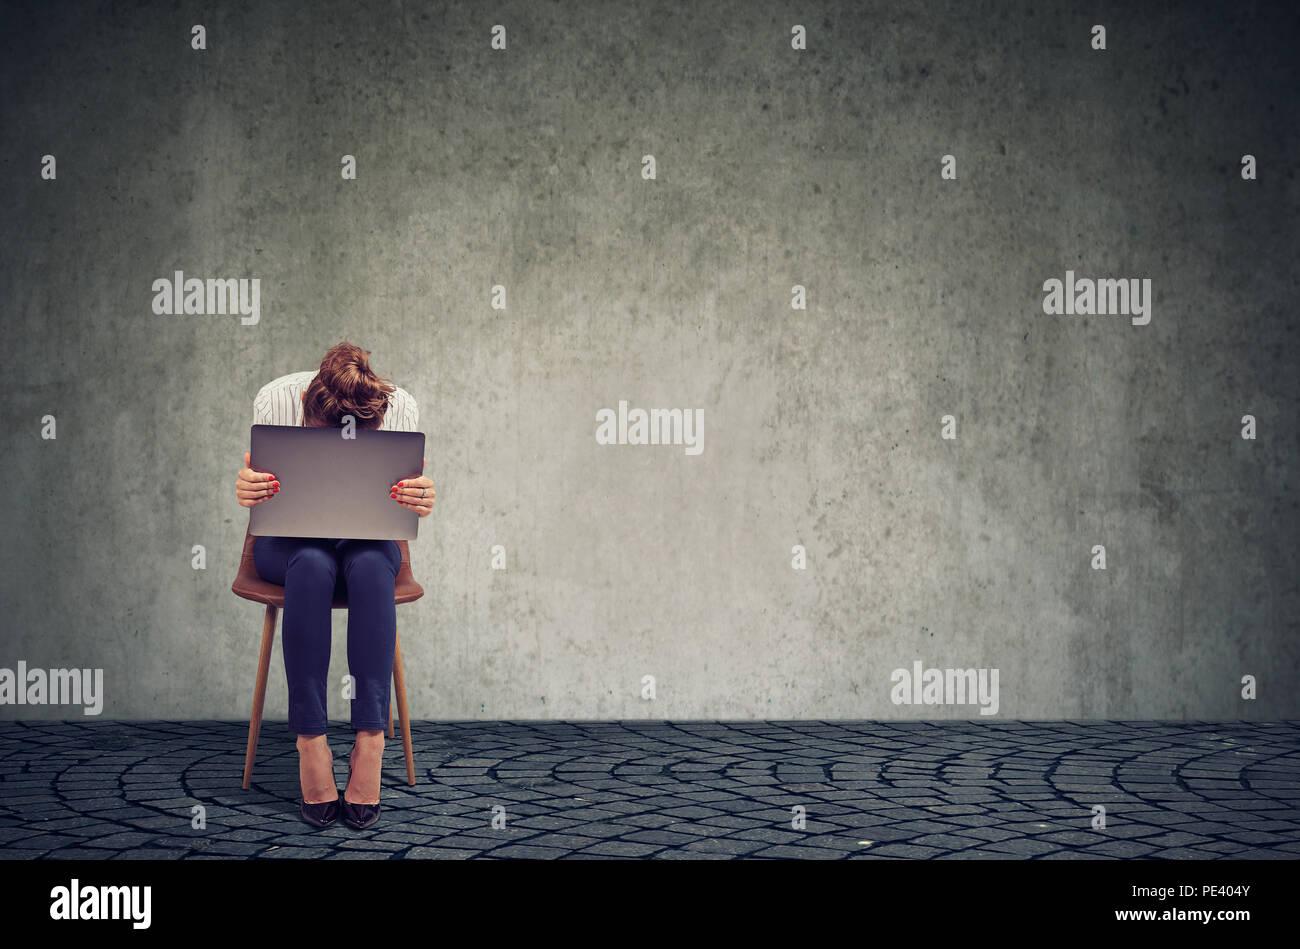 Anónimo una mujer sentada sobre una silla con el portátil sobre las rodillas y busca desesperada en crisis contra la pared gris antecedentes Imagen De Stock